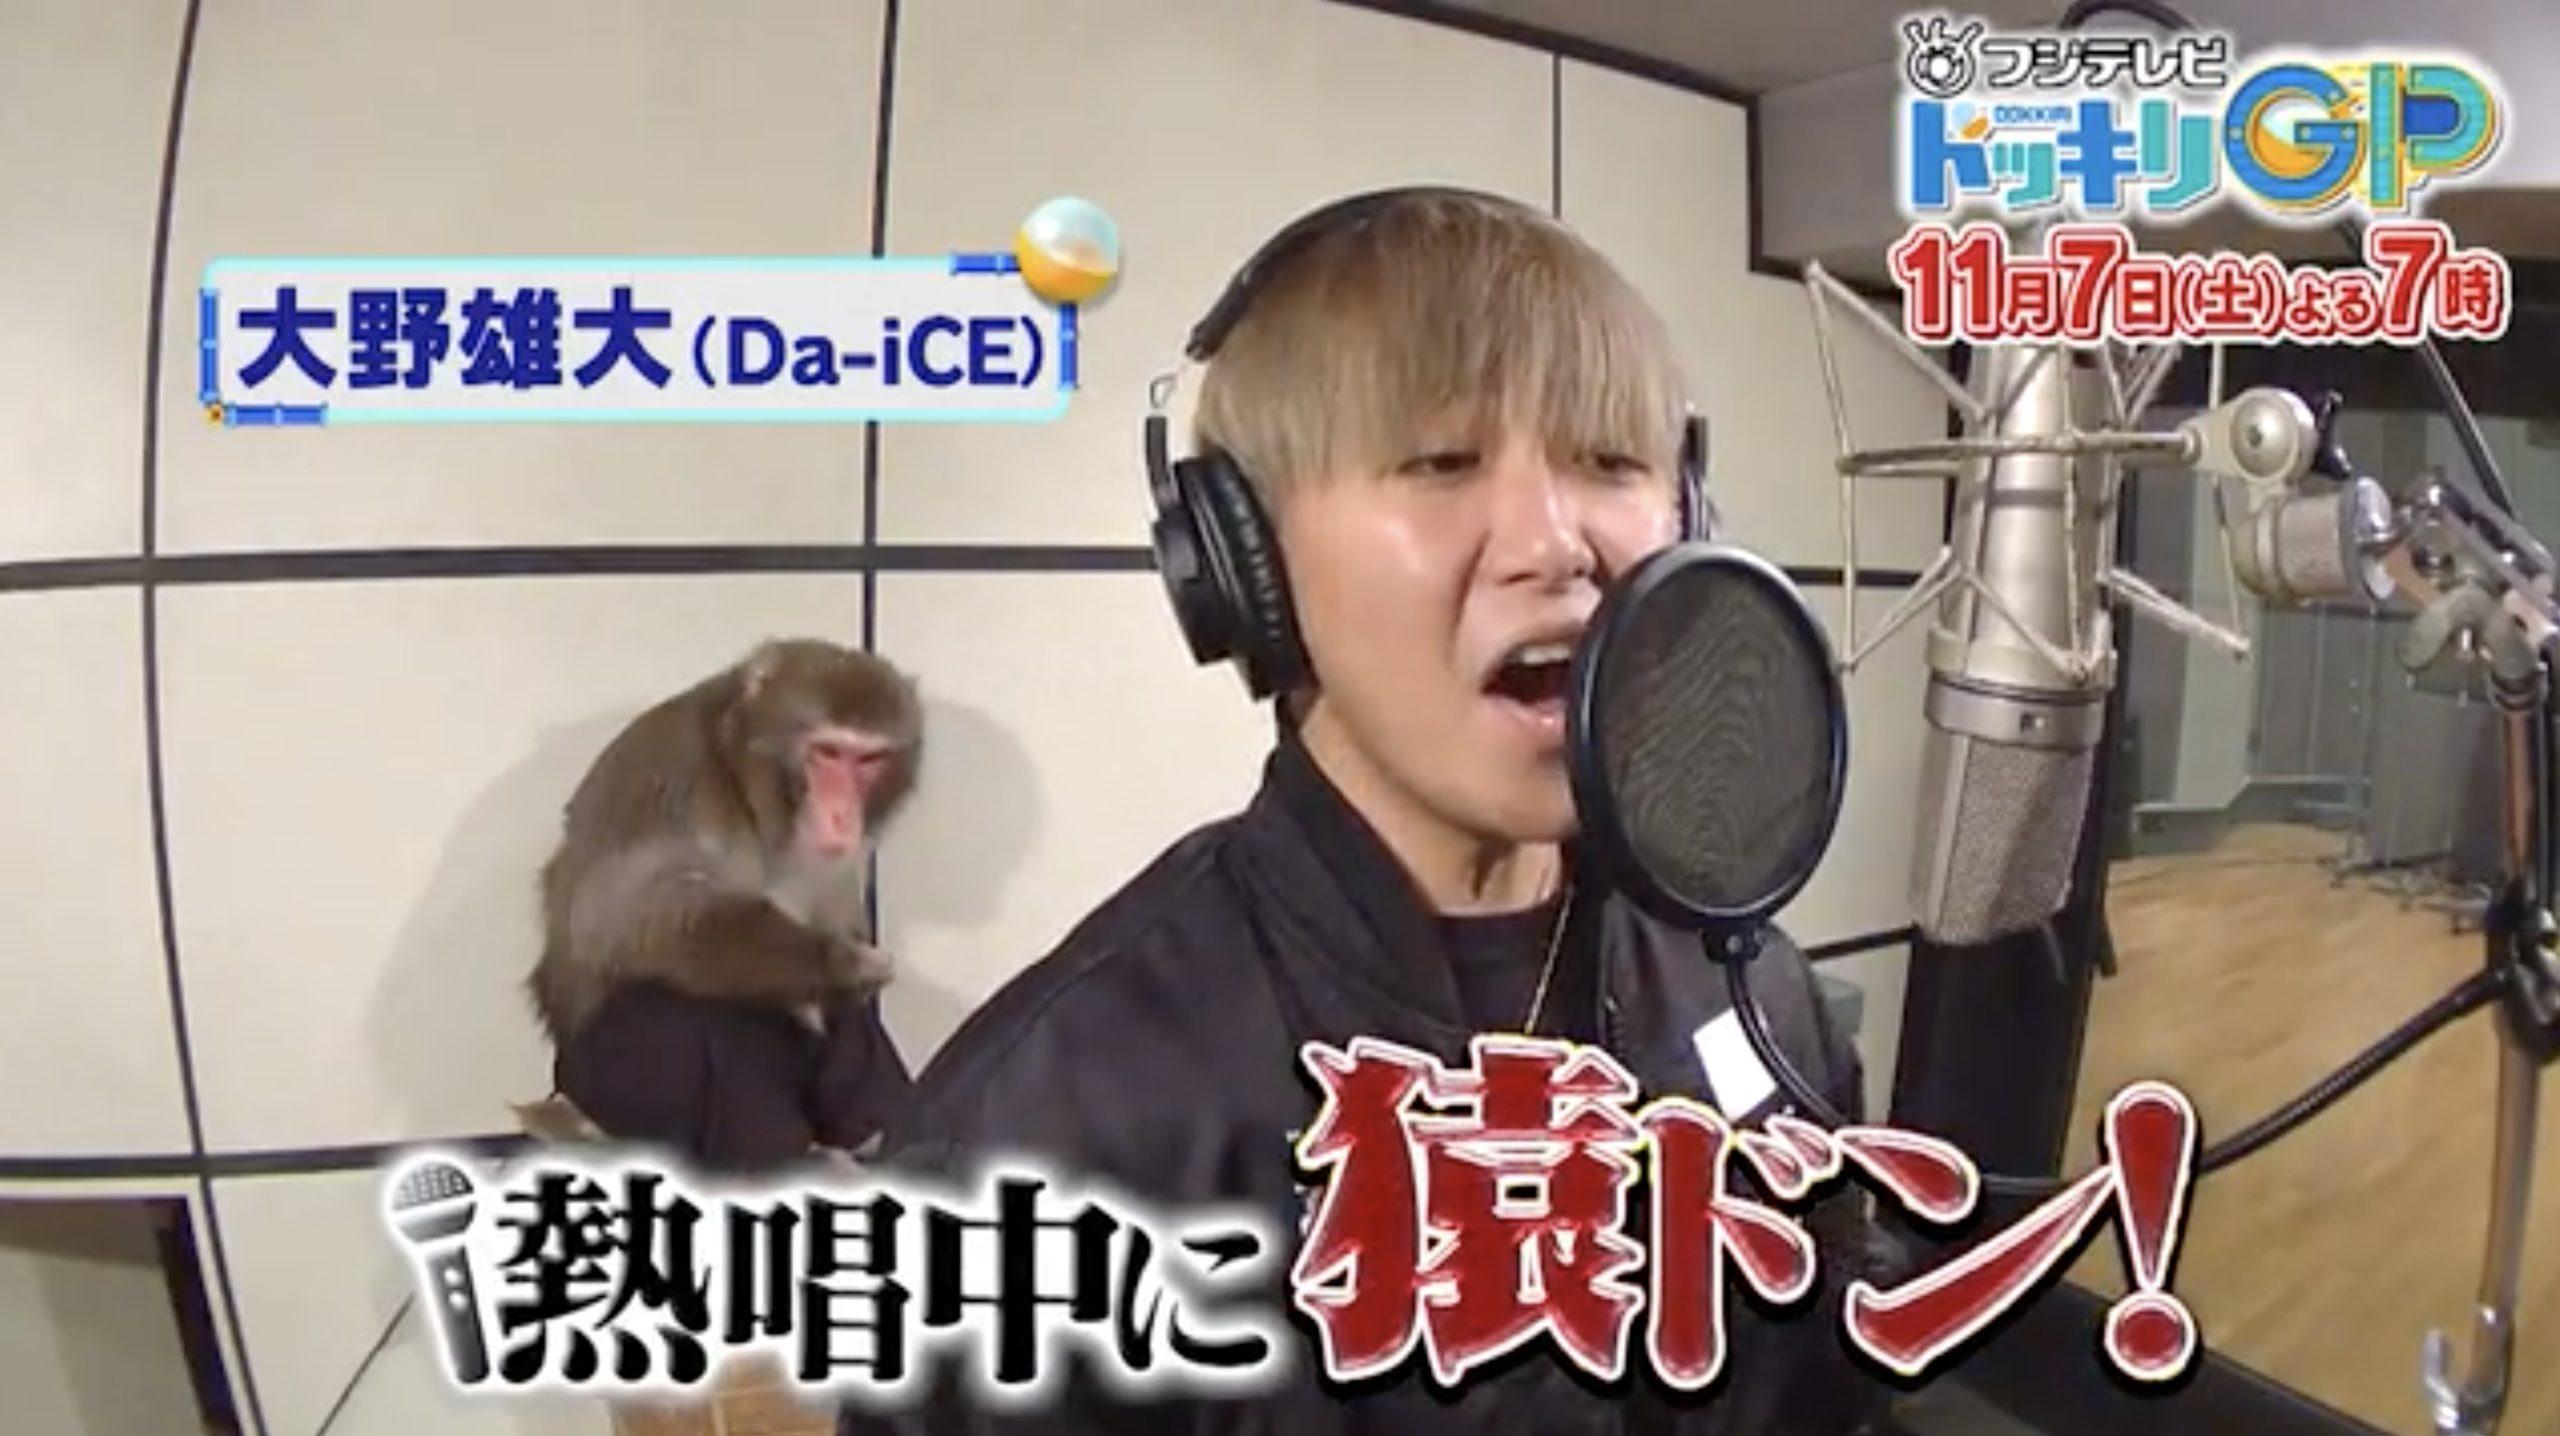 ドッキリGP(11月7日)の無料動画や見逃し配信をフル視聴する方法!